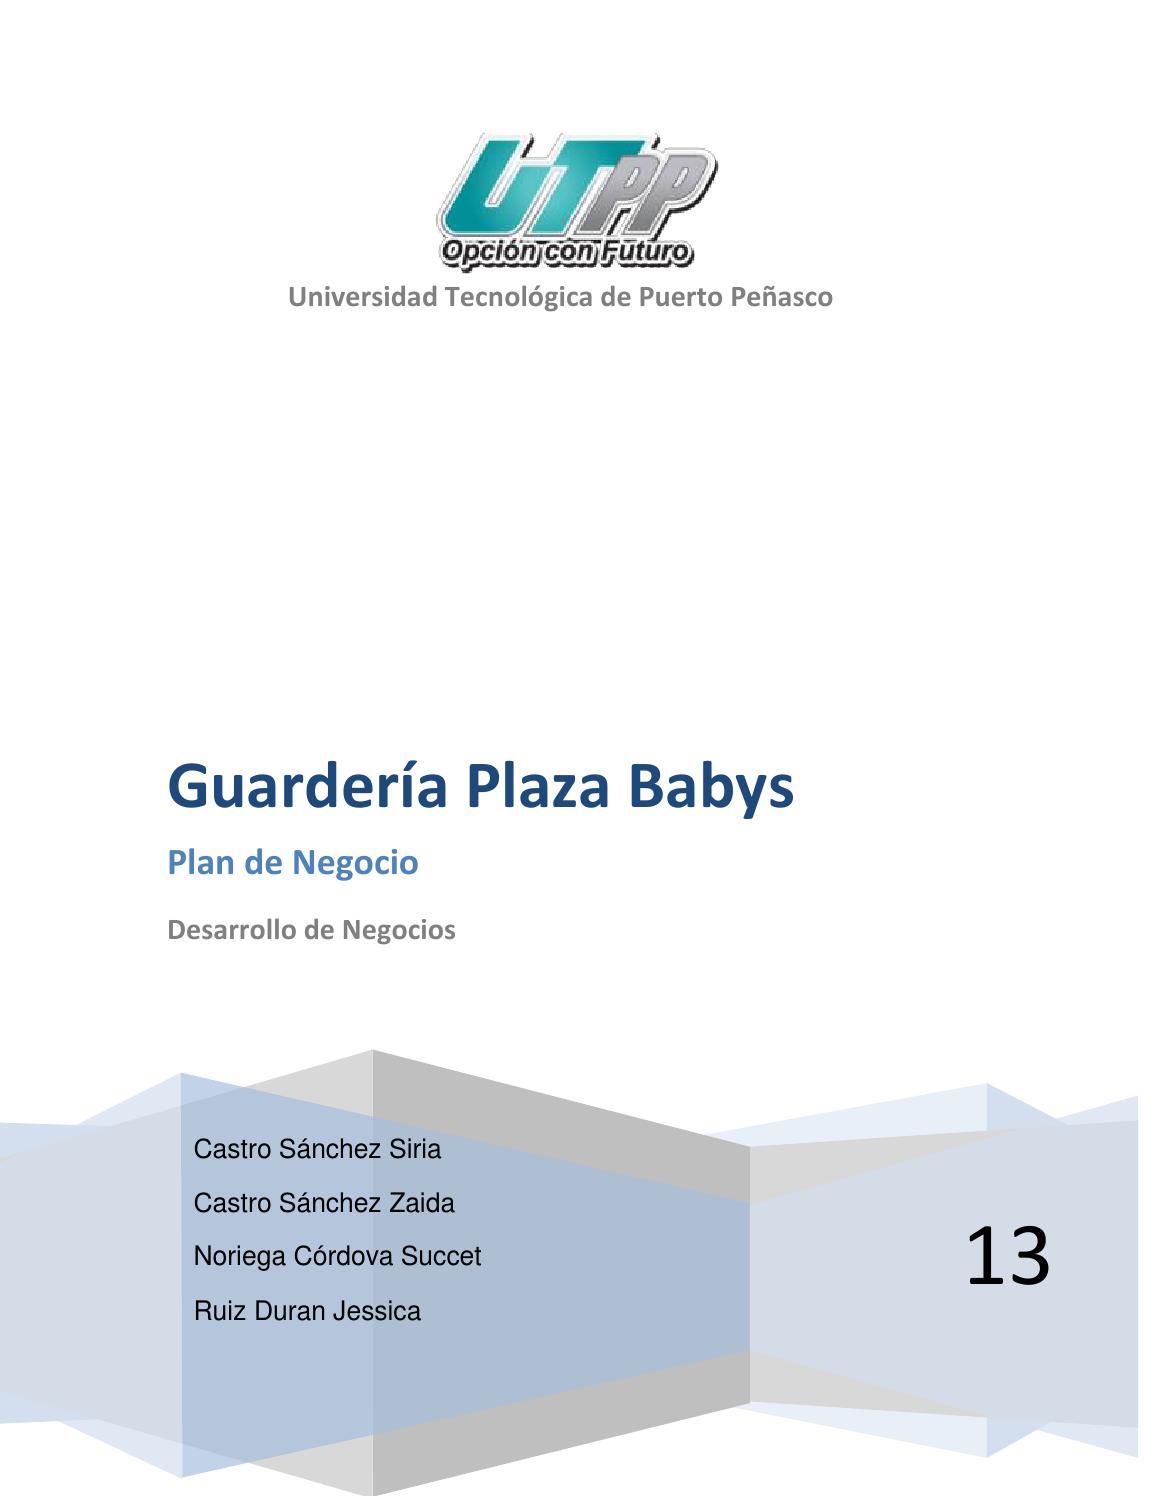 Plan de negocio guarderia by Adolfo Espinoza - issuu